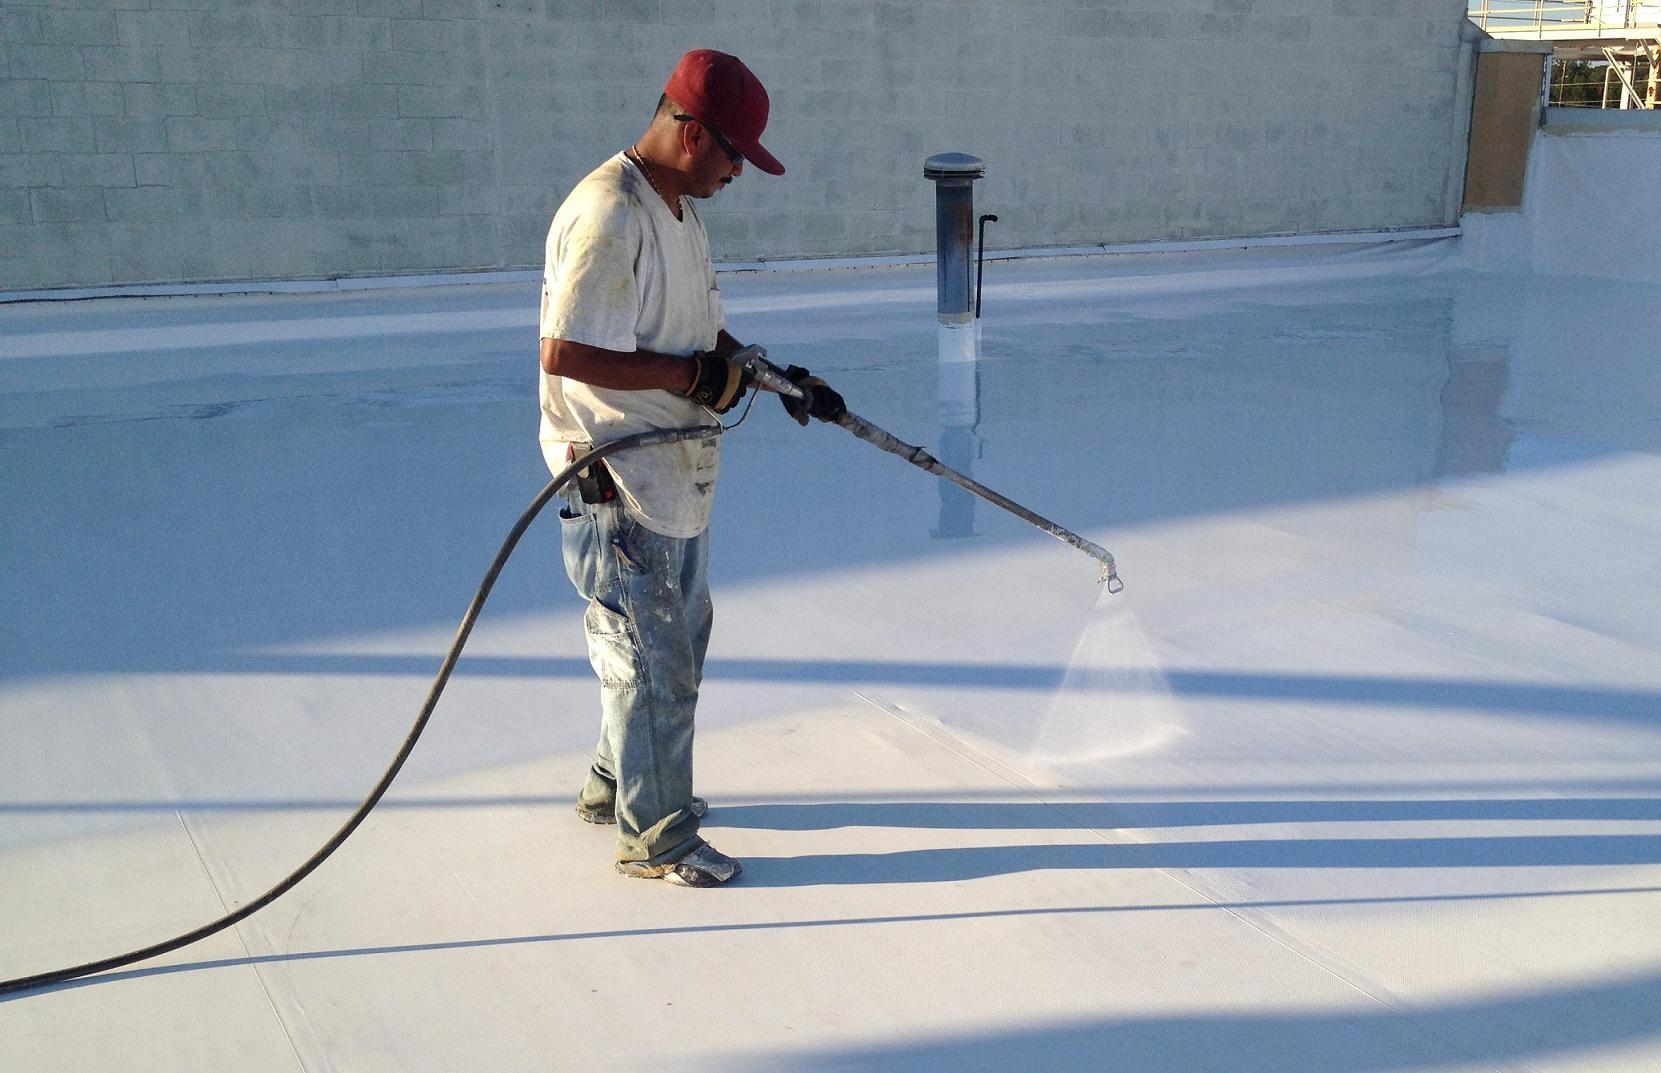 White t shirt man spraying roofing